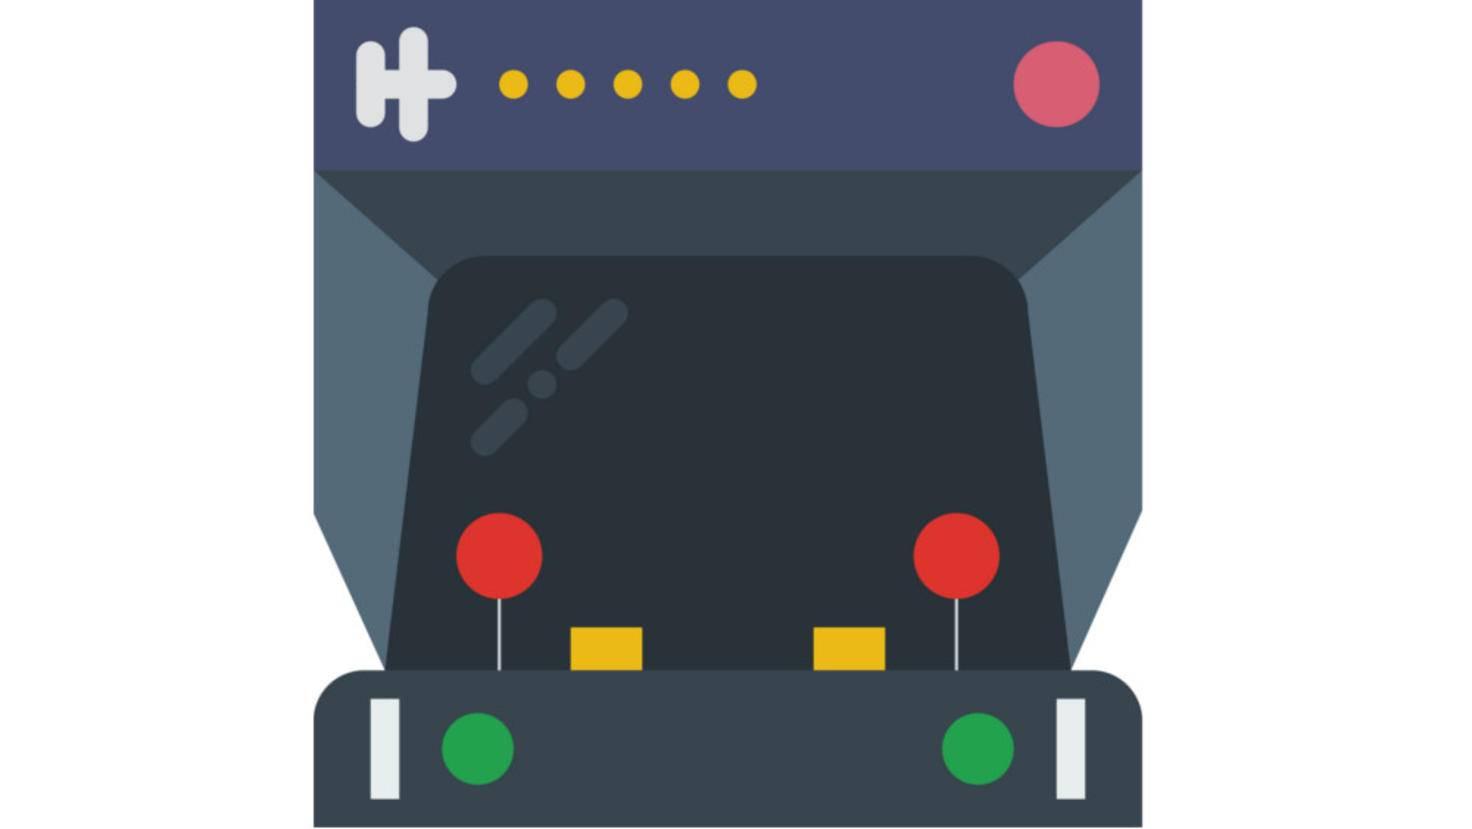 Arcade-Maschinen halfen einst, Gaming zum Massenphänomen zu machen. Gehört ihnen auch die Zukunft?